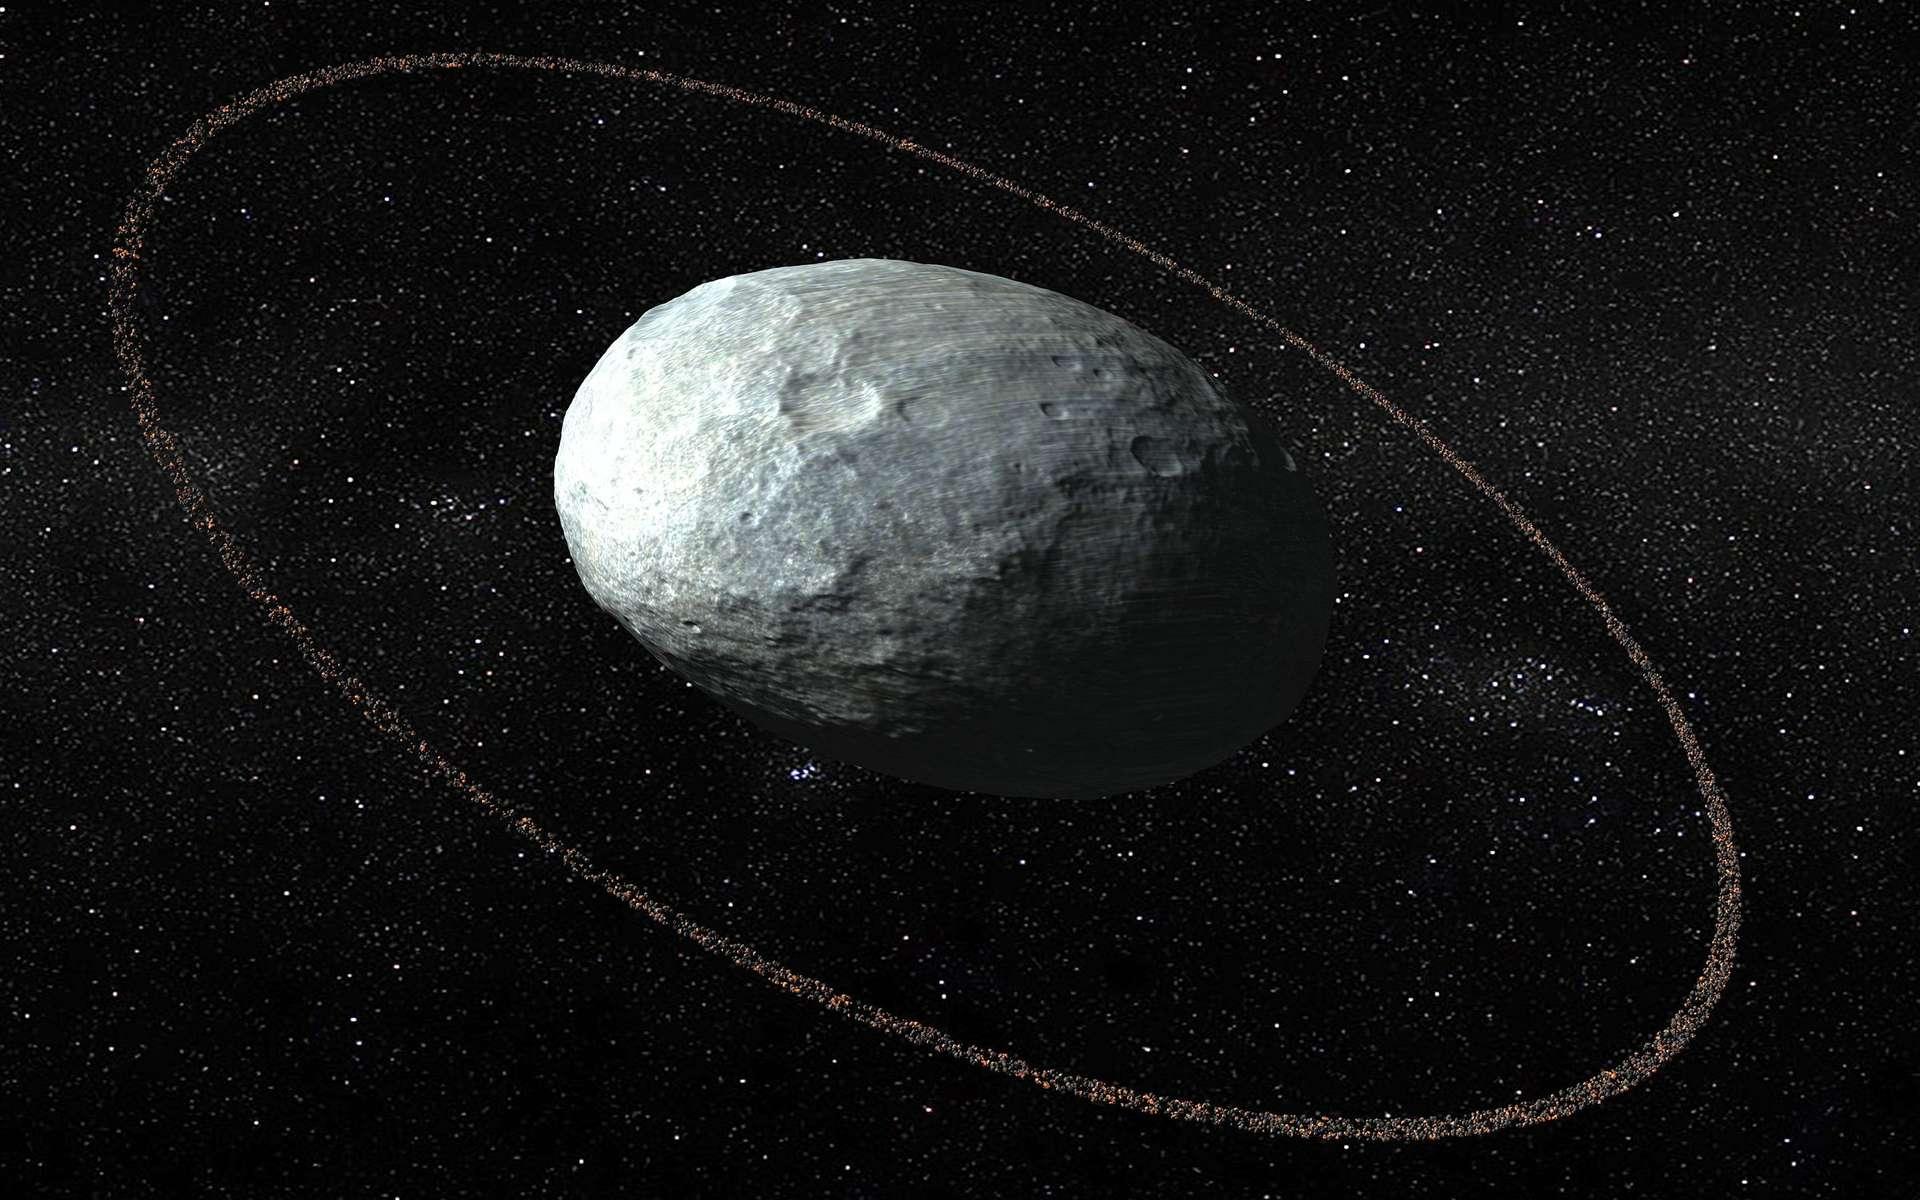 Illustration de la planète naine (136108) Haumea. En 2017, des chercheurs découvrirent l'existence d'un anneau autour de l'astre. © IAA-CSIC, UHU